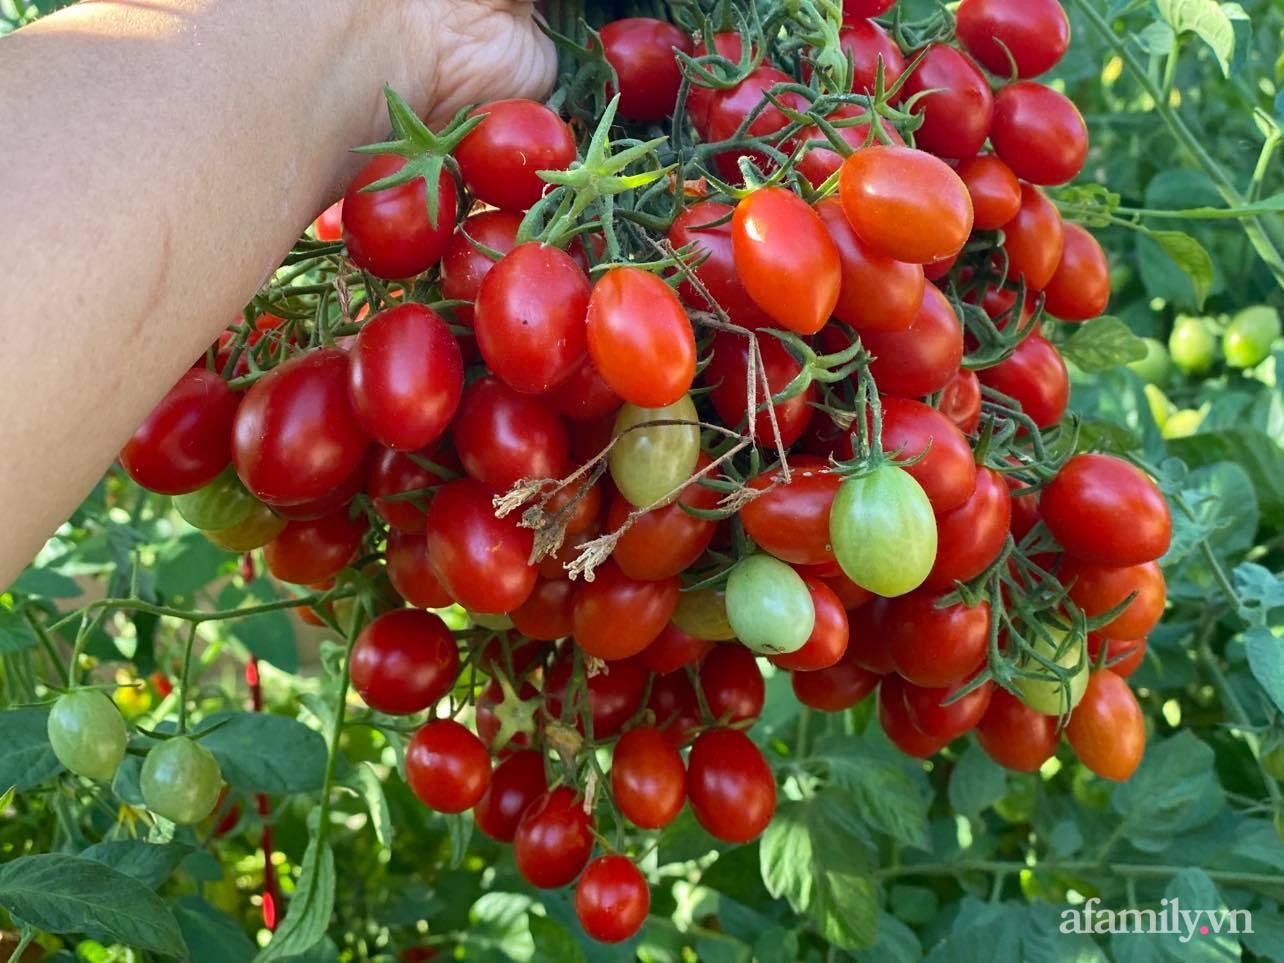 Khu vườn 800m² phủ kín đủ loại rau quả sạch của mẹ Việt đảm yêu cây - Ảnh 5.